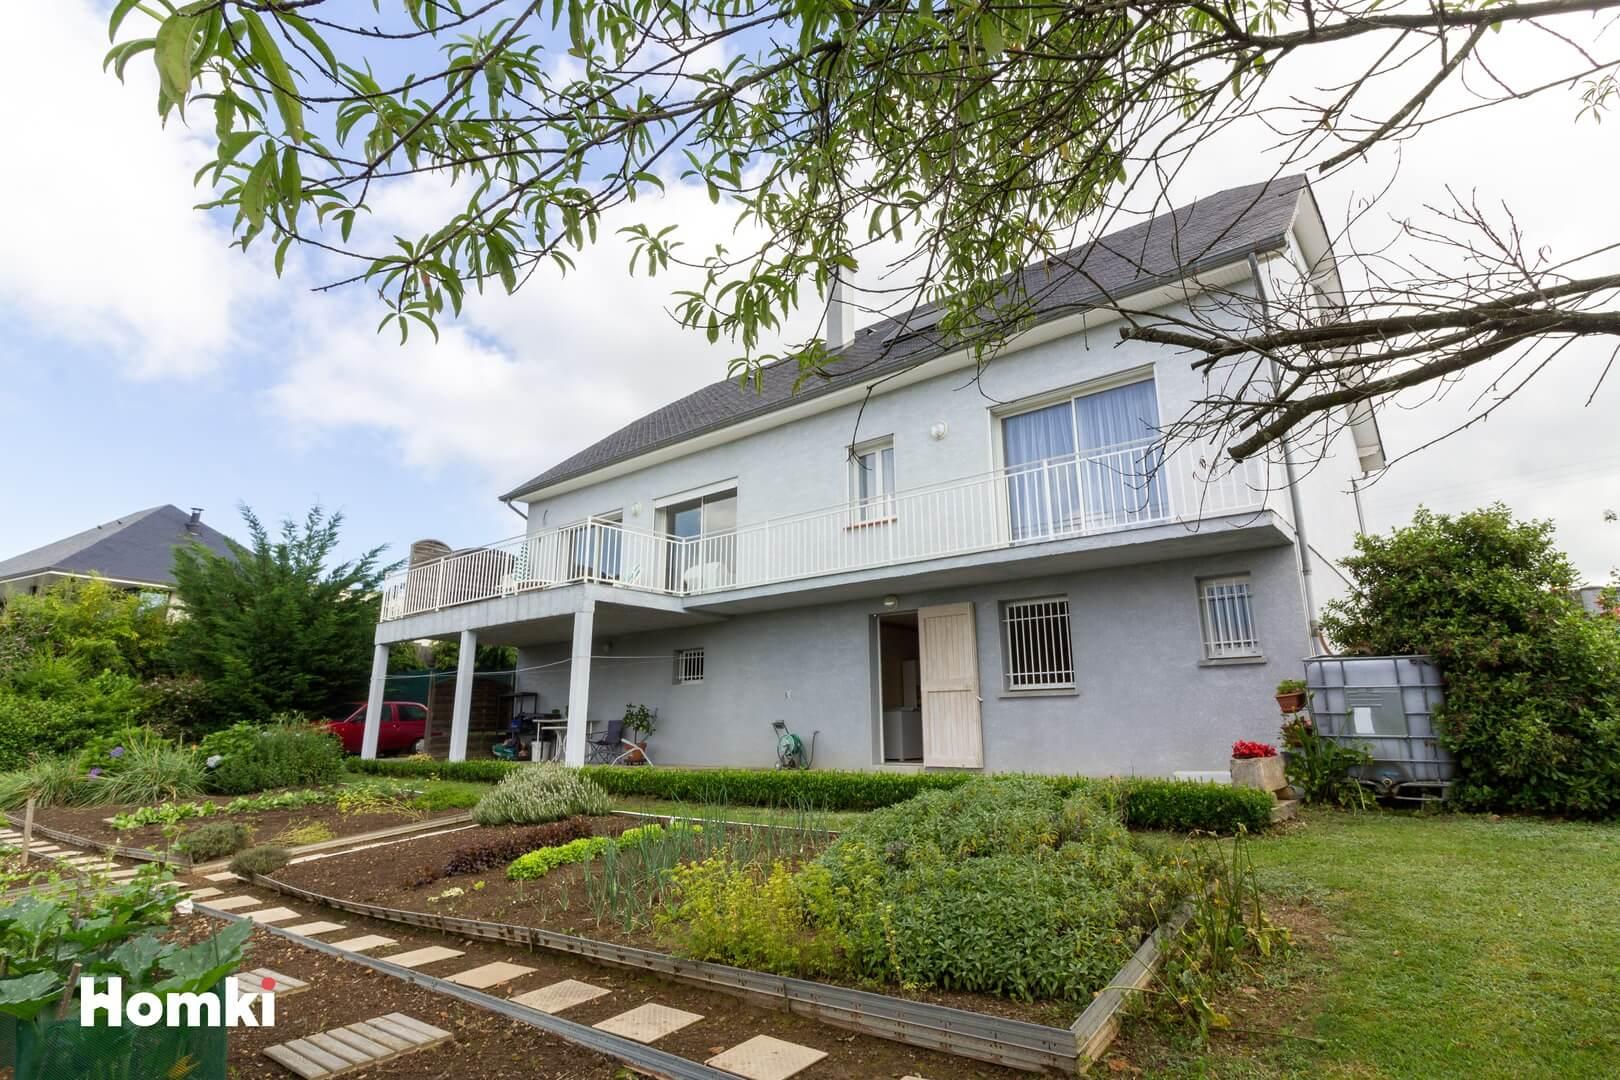 Homki - Vente Maison/villa  de 176.0 m² à Mauvezin 65130